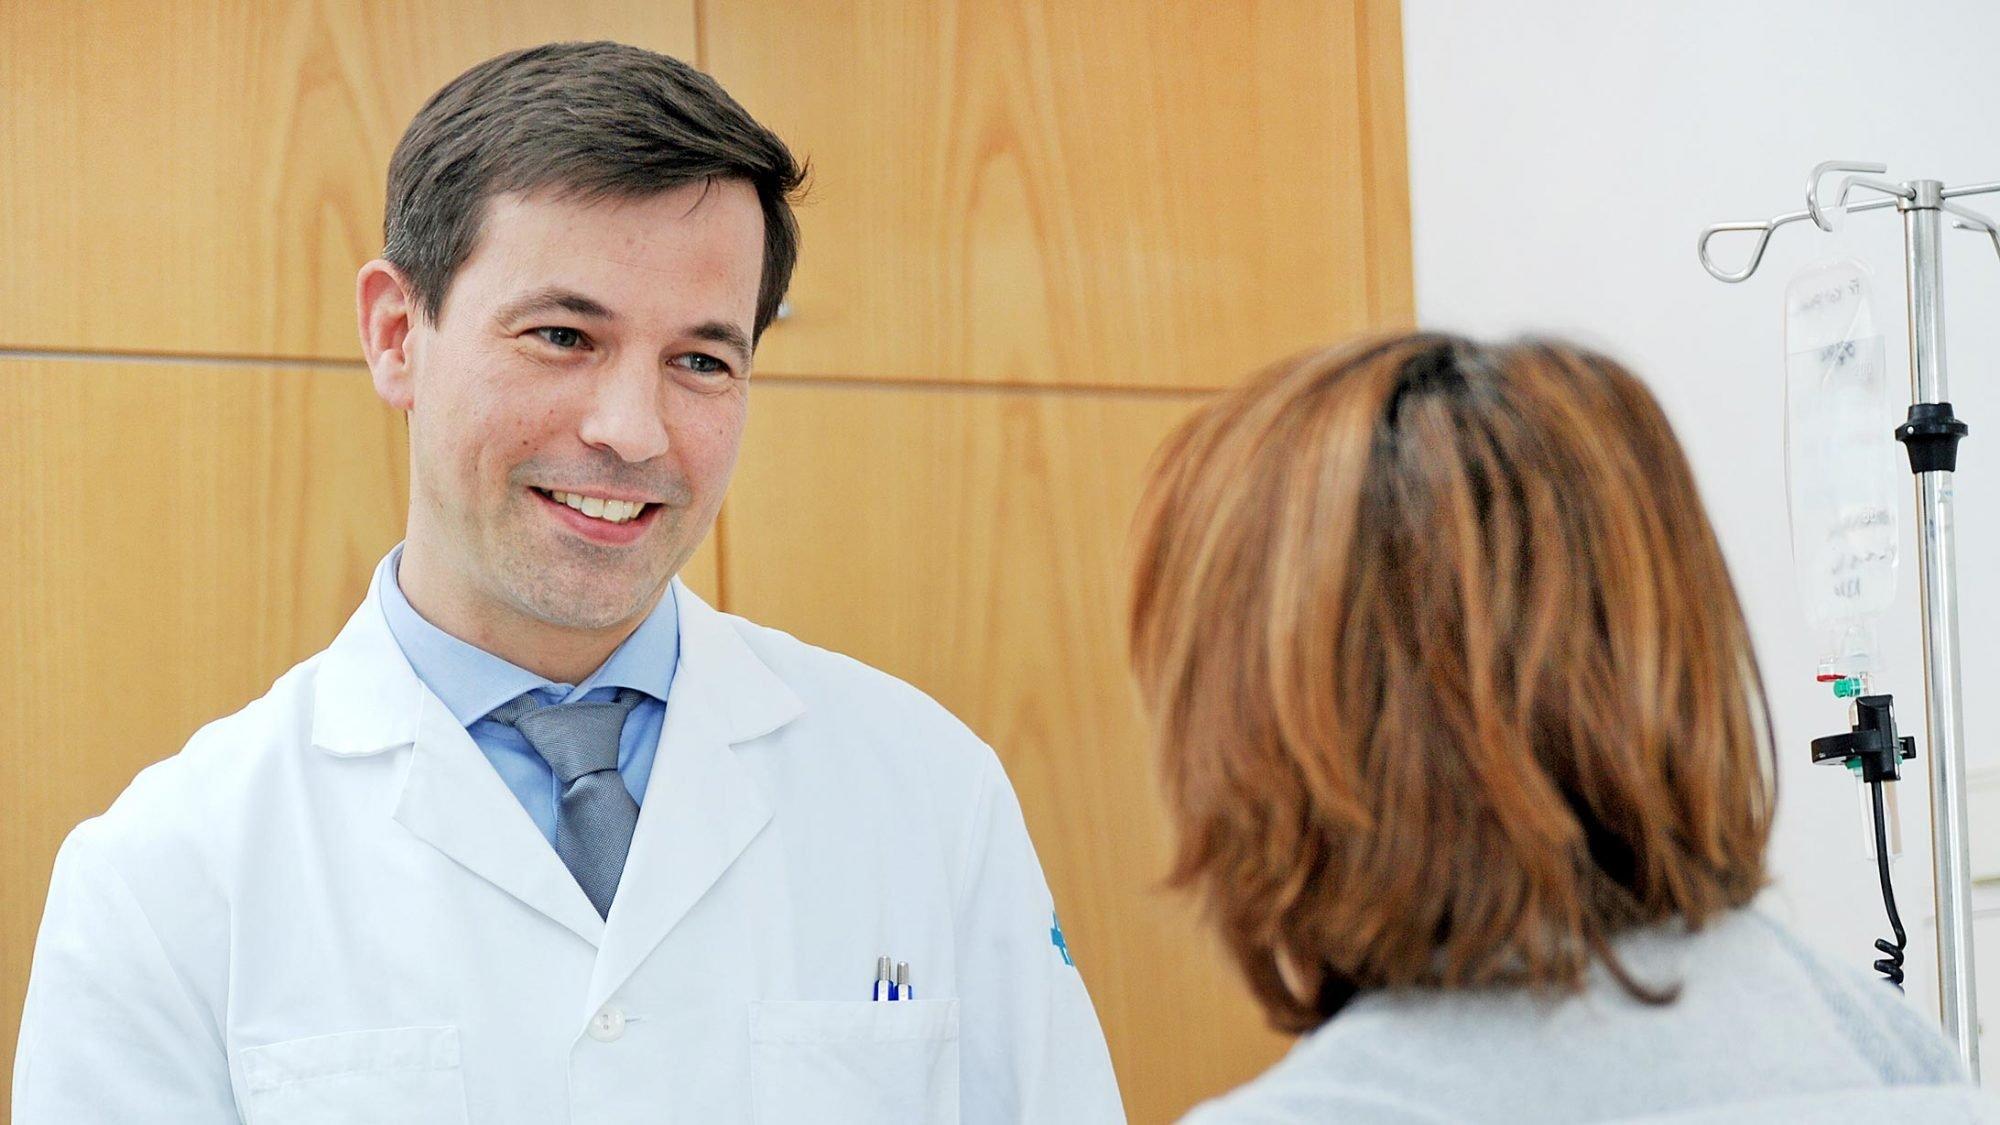 Prof. Dr. Martin Heubner im Gespräch mit einer Patientin.